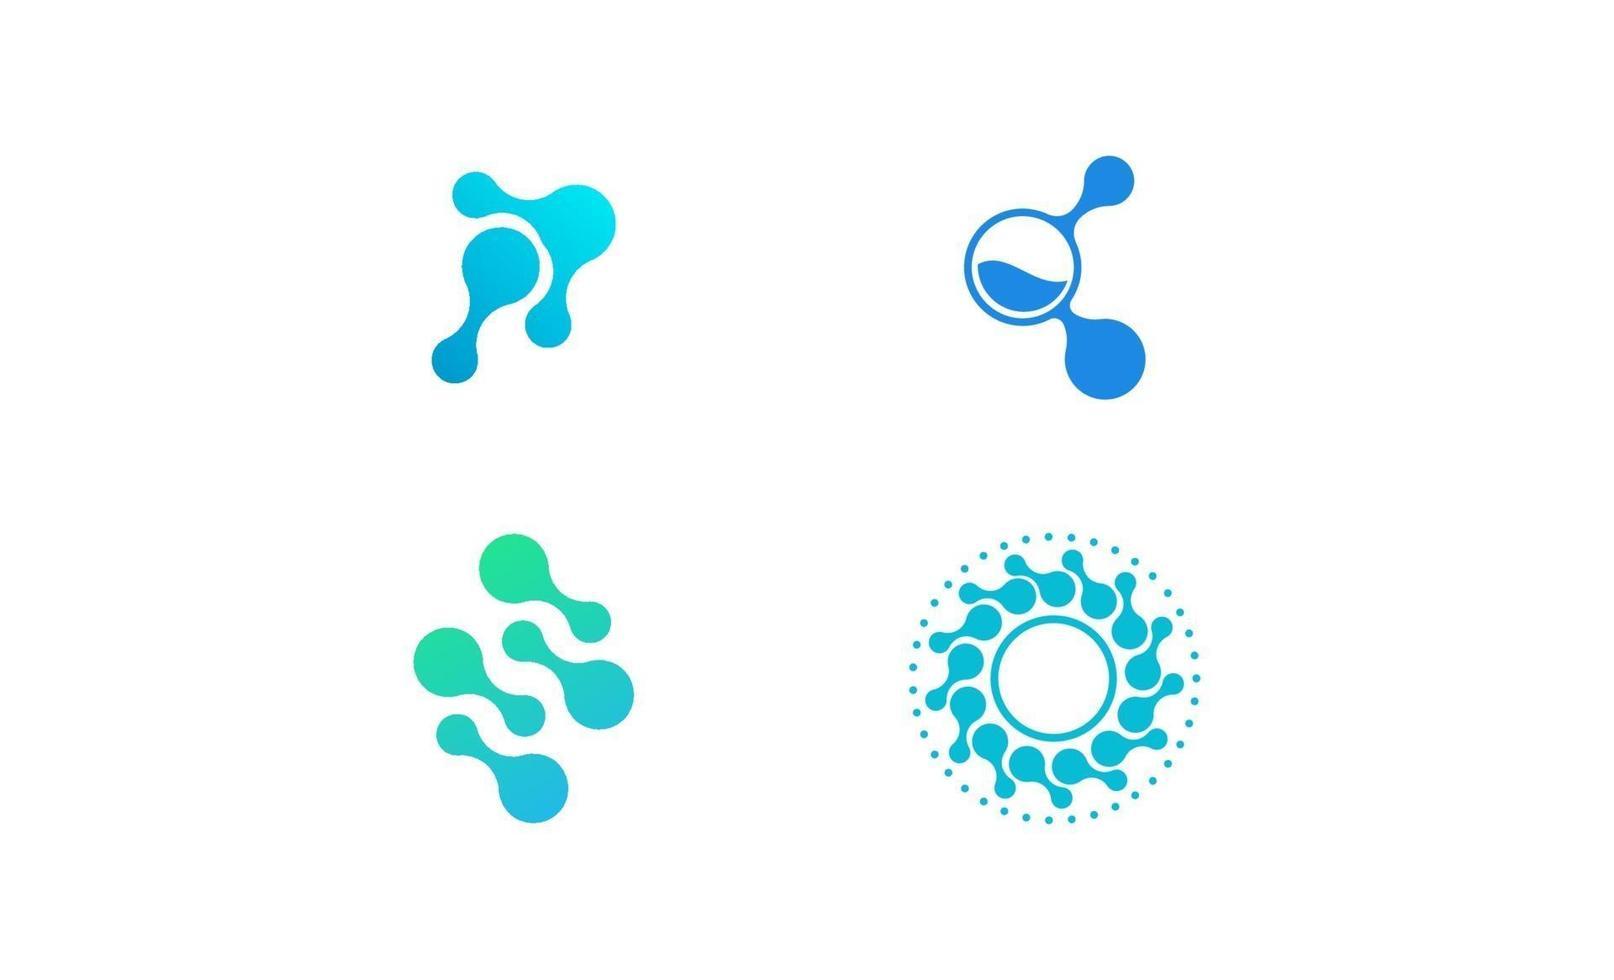 molecuul lab wetenschap logo sjabloon ontwerp vector